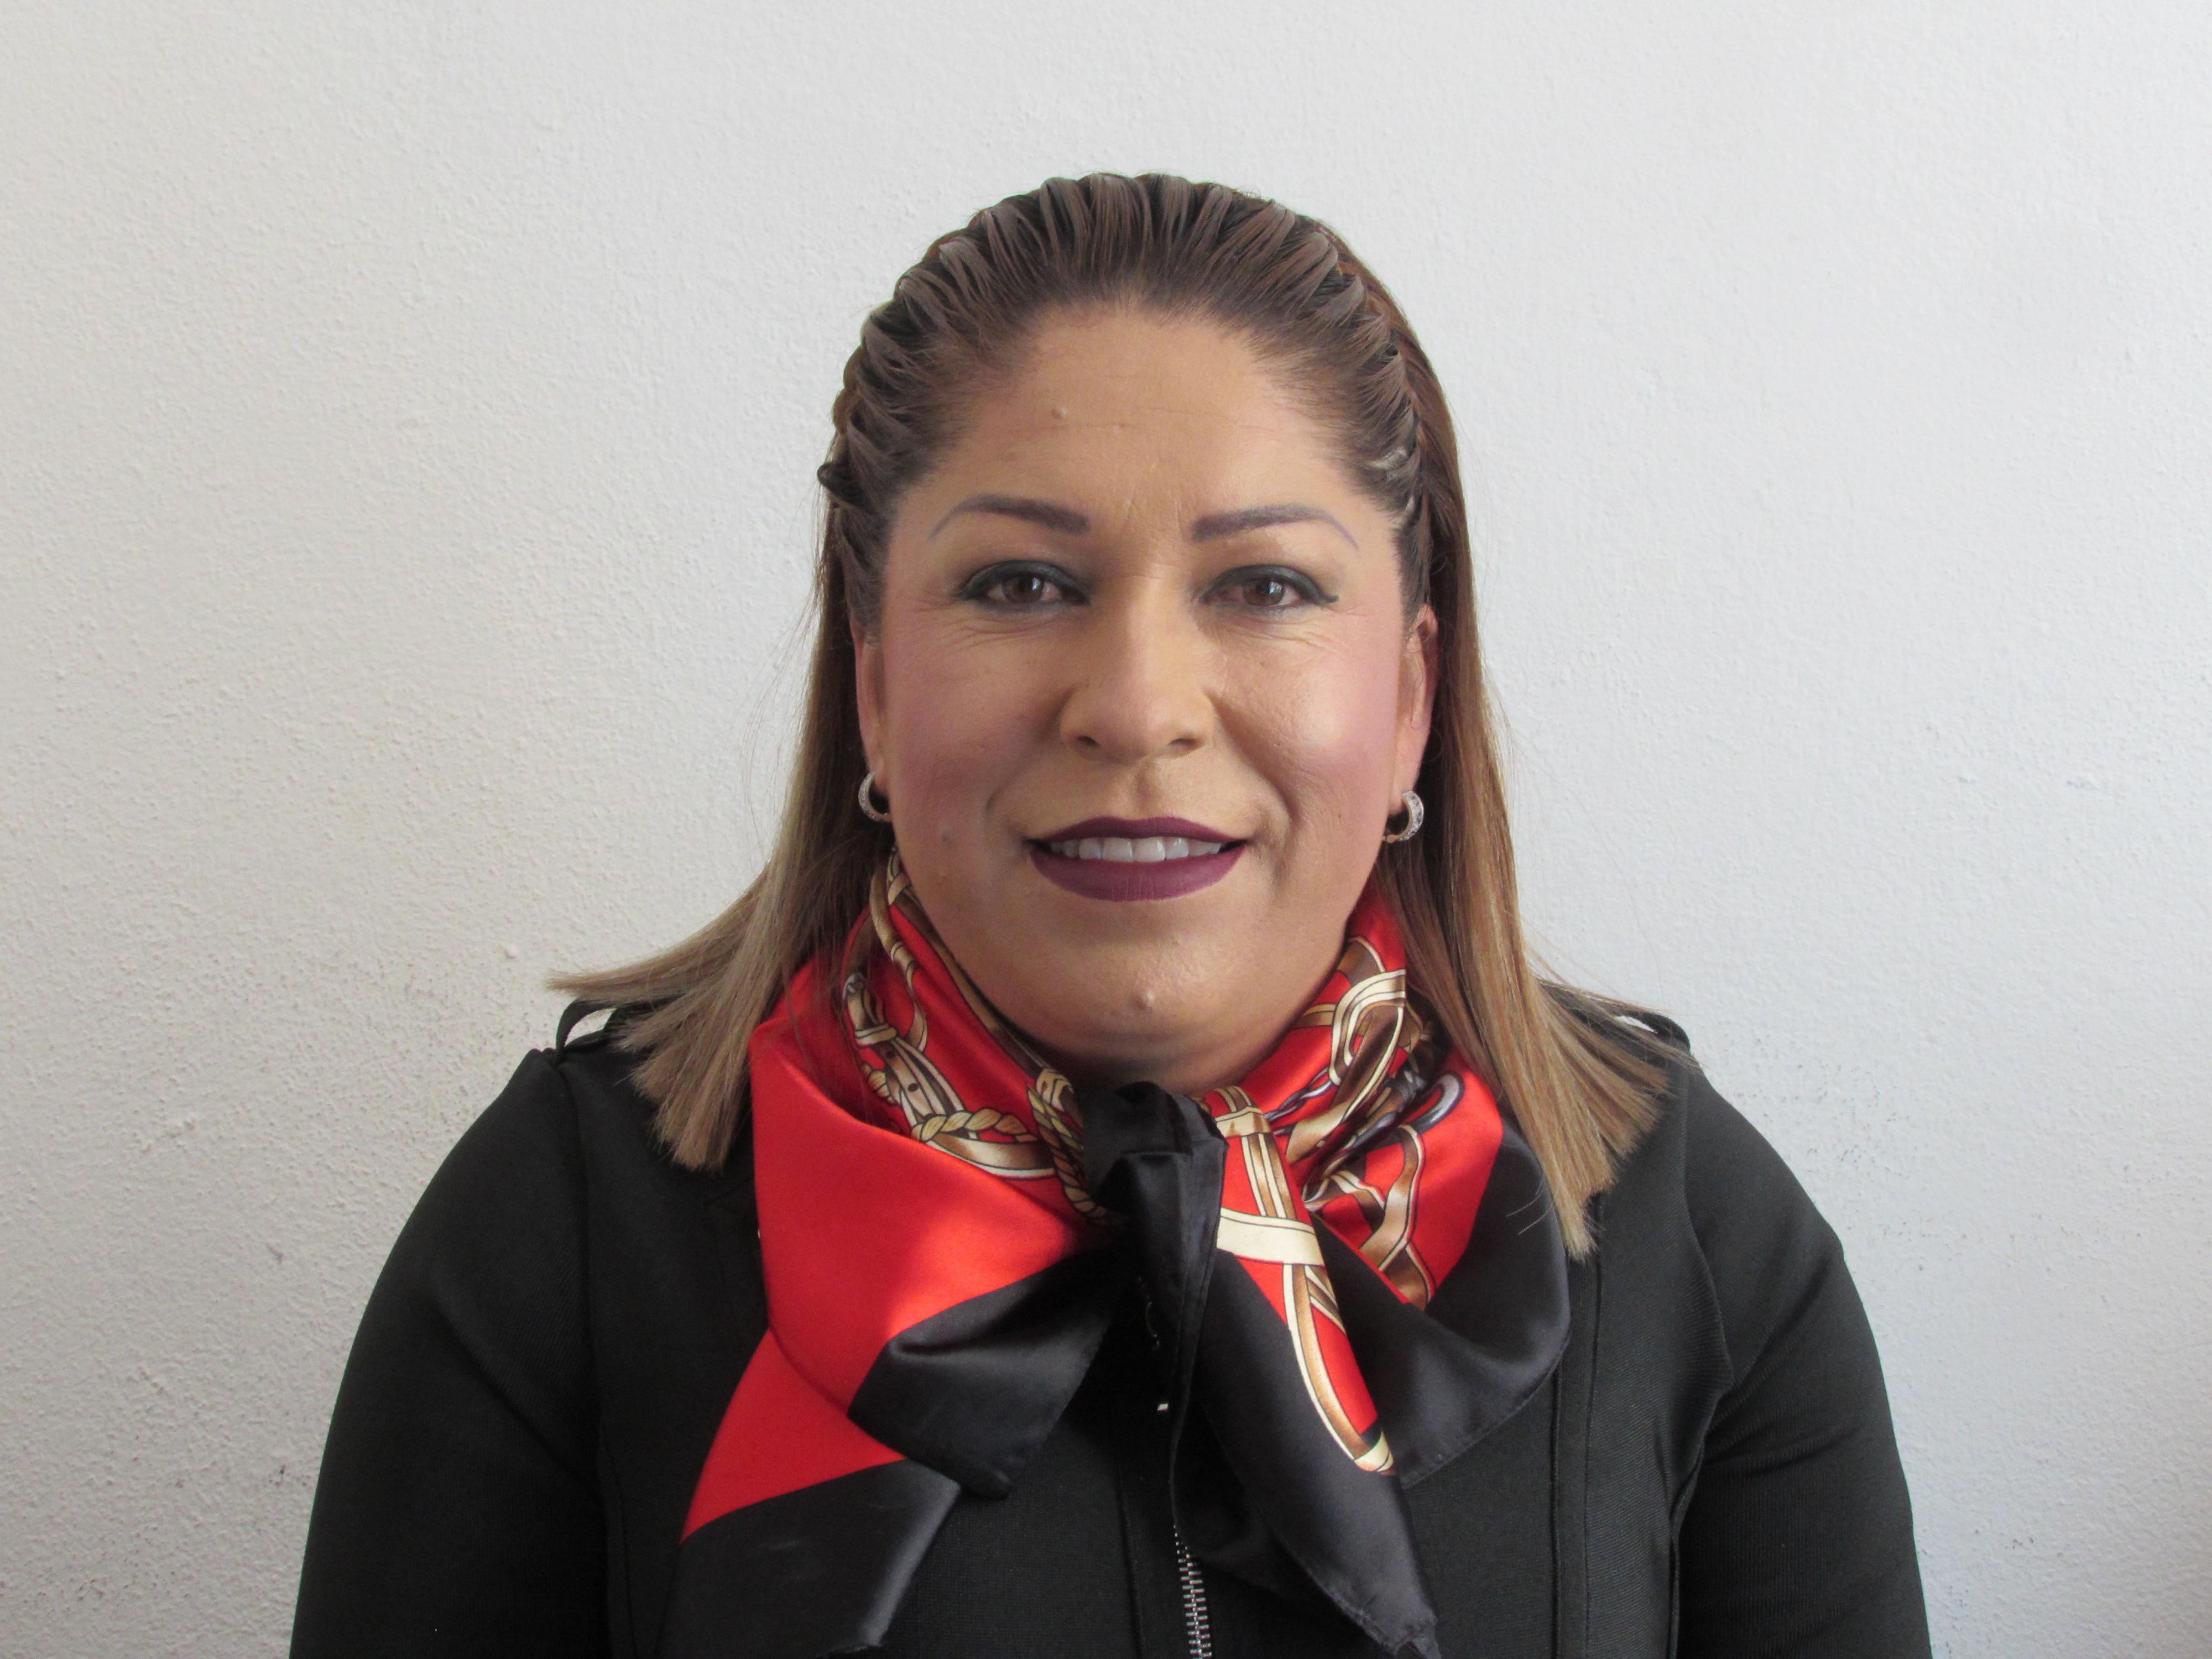 María Obdulia Alarcón Núñez